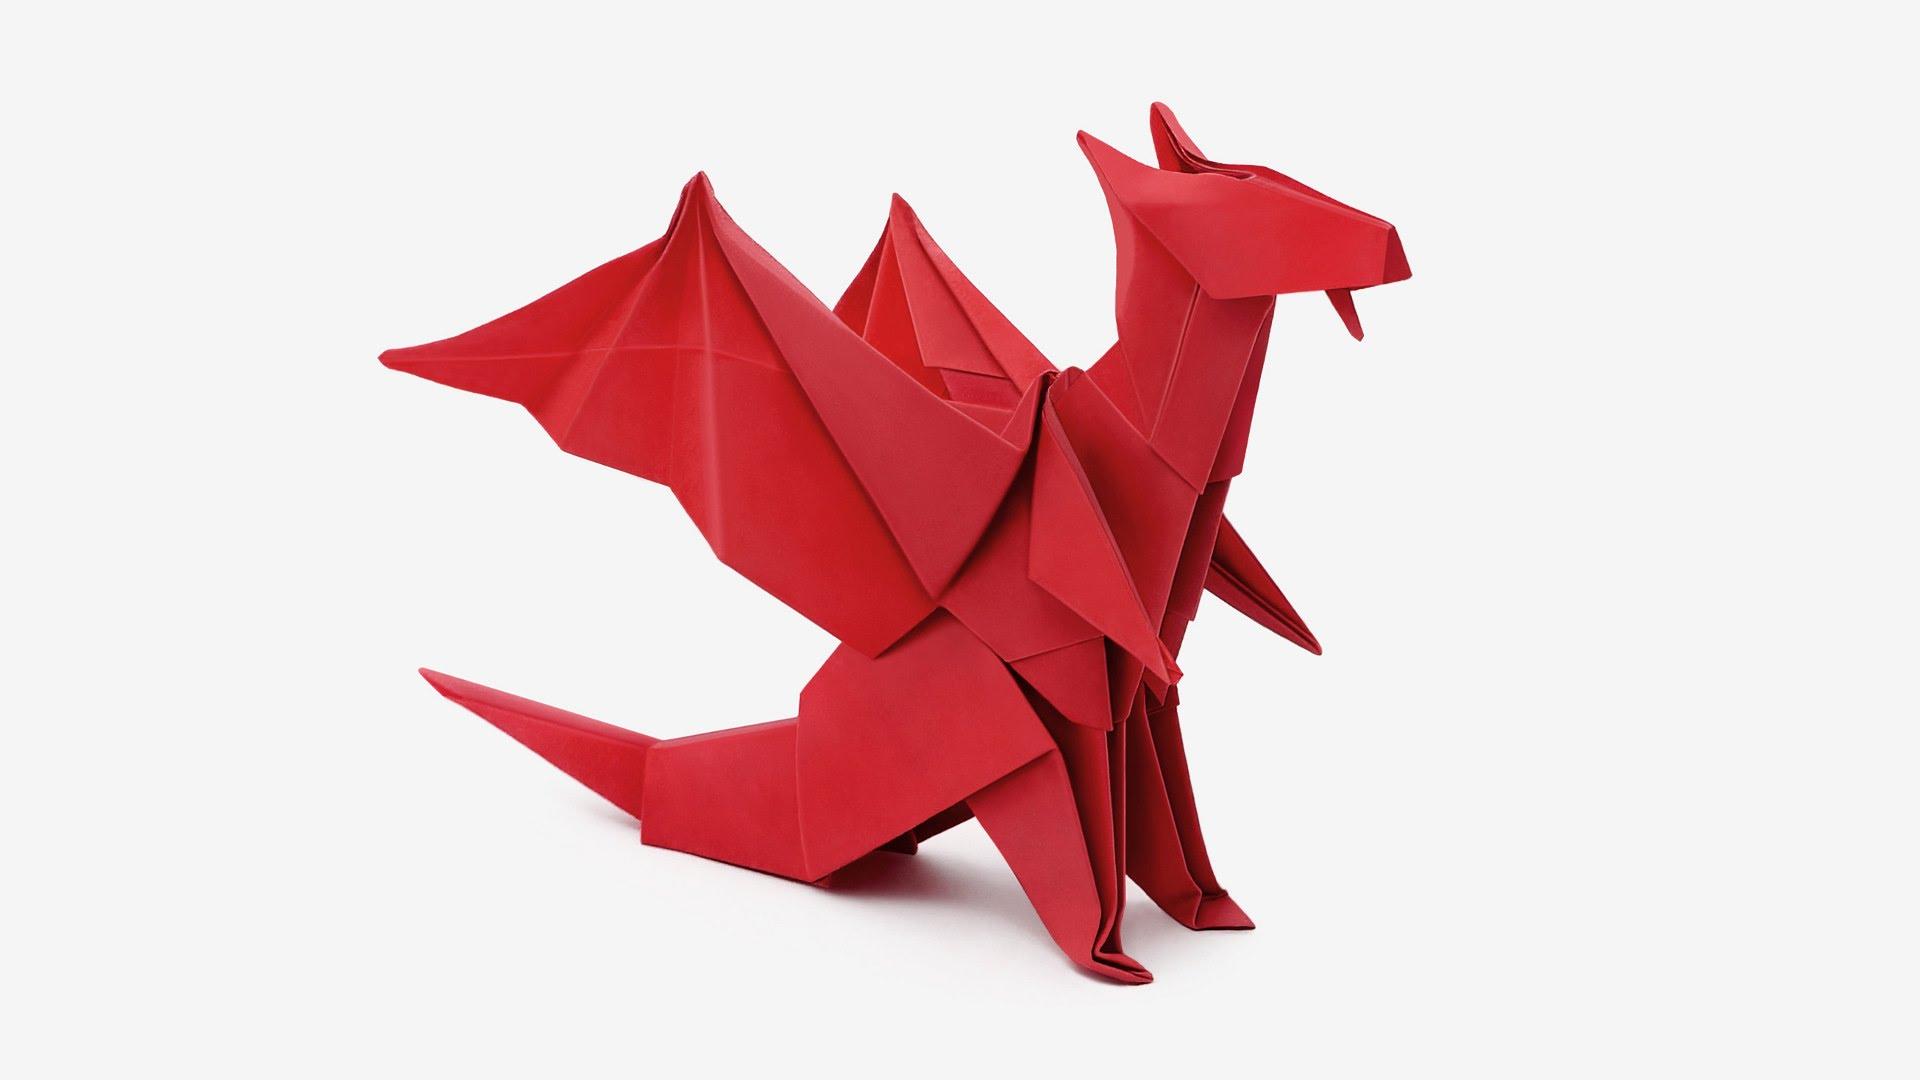 origami hình tồng